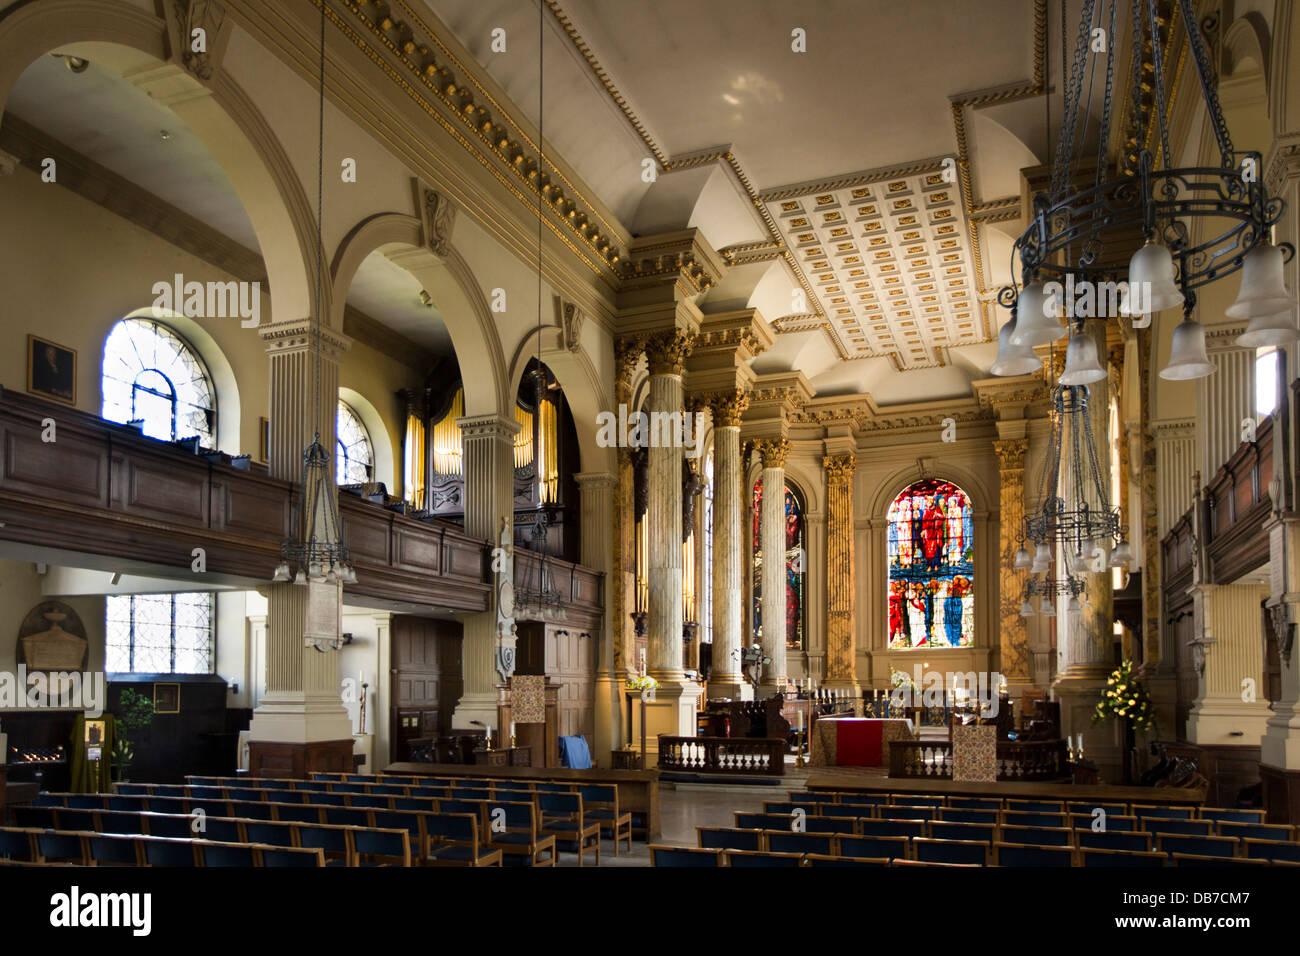 Uk england birmingham st philip s cathedral baroque interior stock photo 58555959 alamy for Interior exterior birmingham al